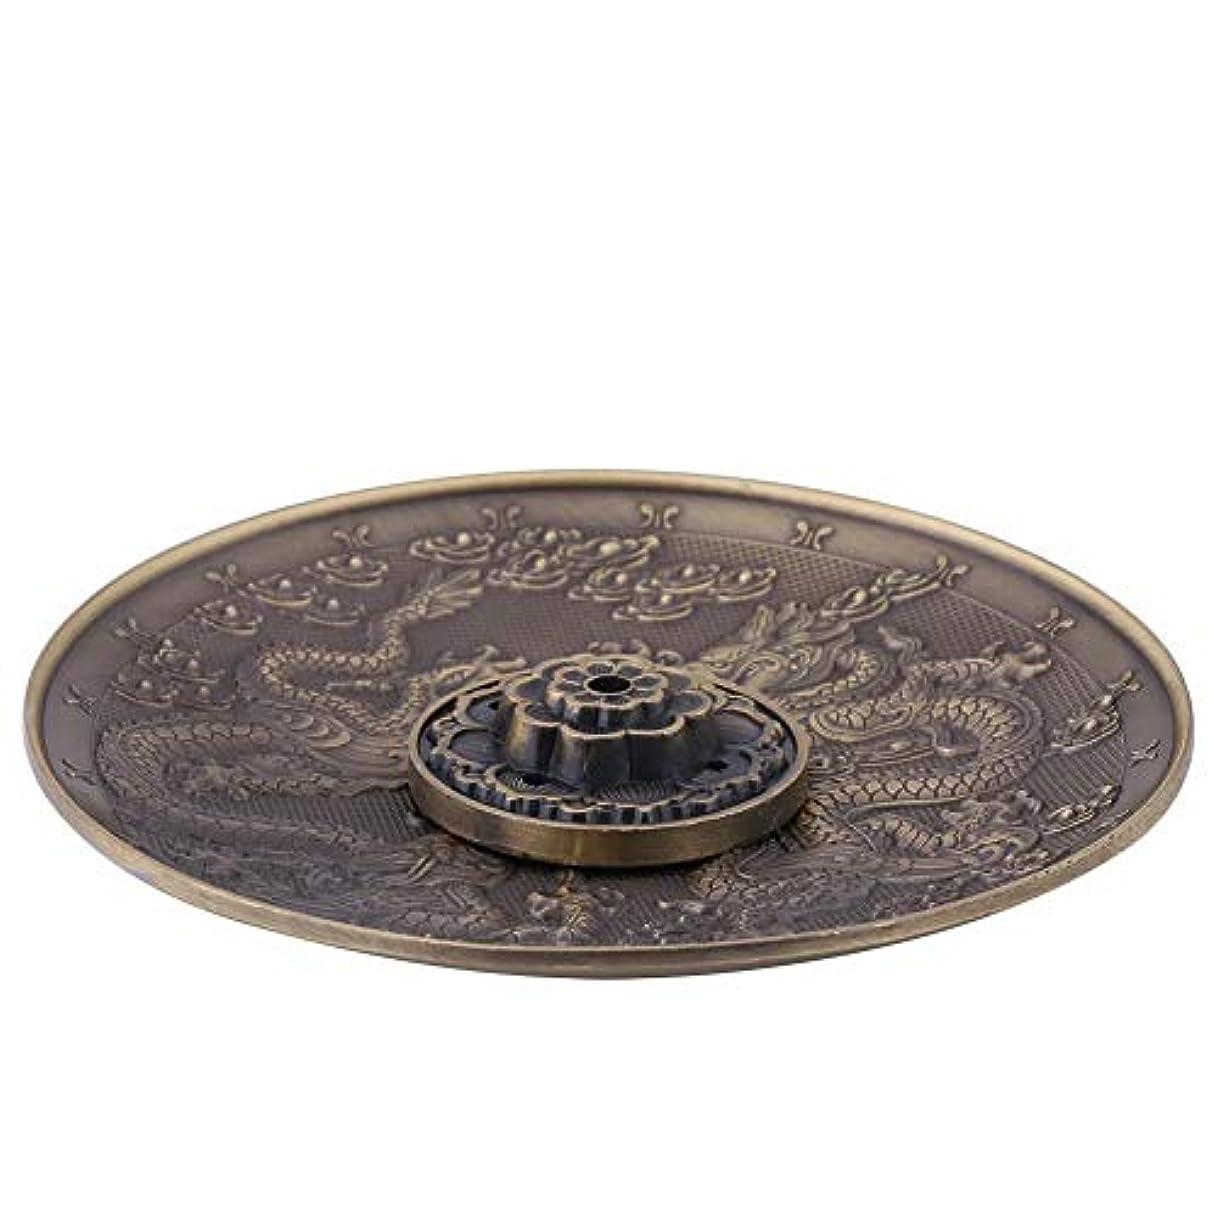 準備許容本物金属バーナーホルダー5穴亜鉛合金の香りバーナーホルダー 寝室の寺院の装飾 ドラゴンパターンの香炉プレート(#2)